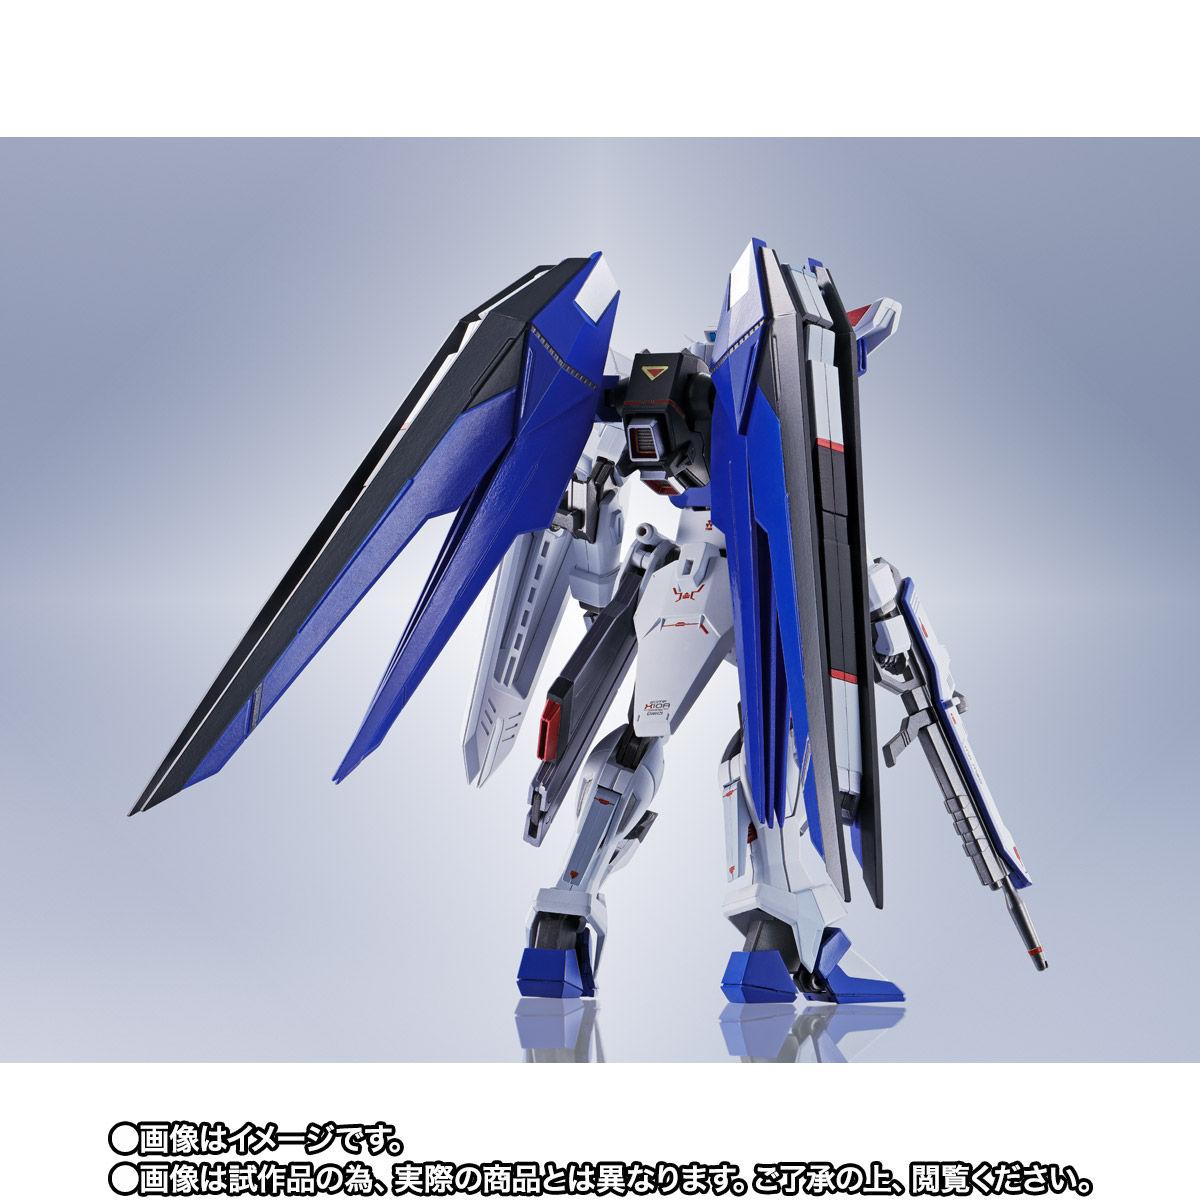 【限定販売】METAL ROBOT魂〈SIDE MS〉『フリーダムガンダム』ガンダムSEED 可動フィギュア-003